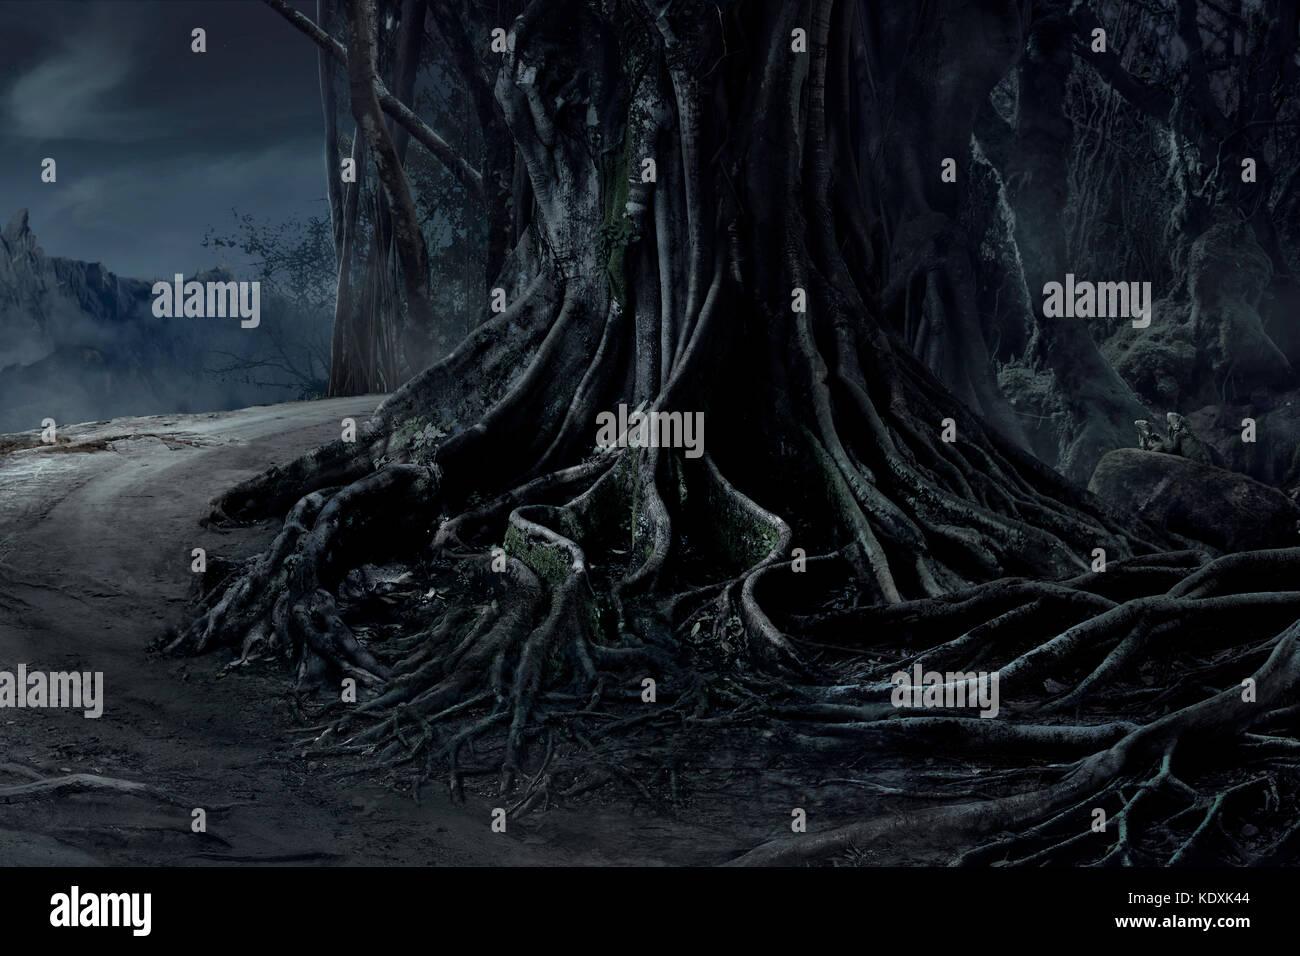 Spooky Halloween dead geheimnisvollen Wald, großen Baum Landschaft mit Schleier in der Nacht Stockbild